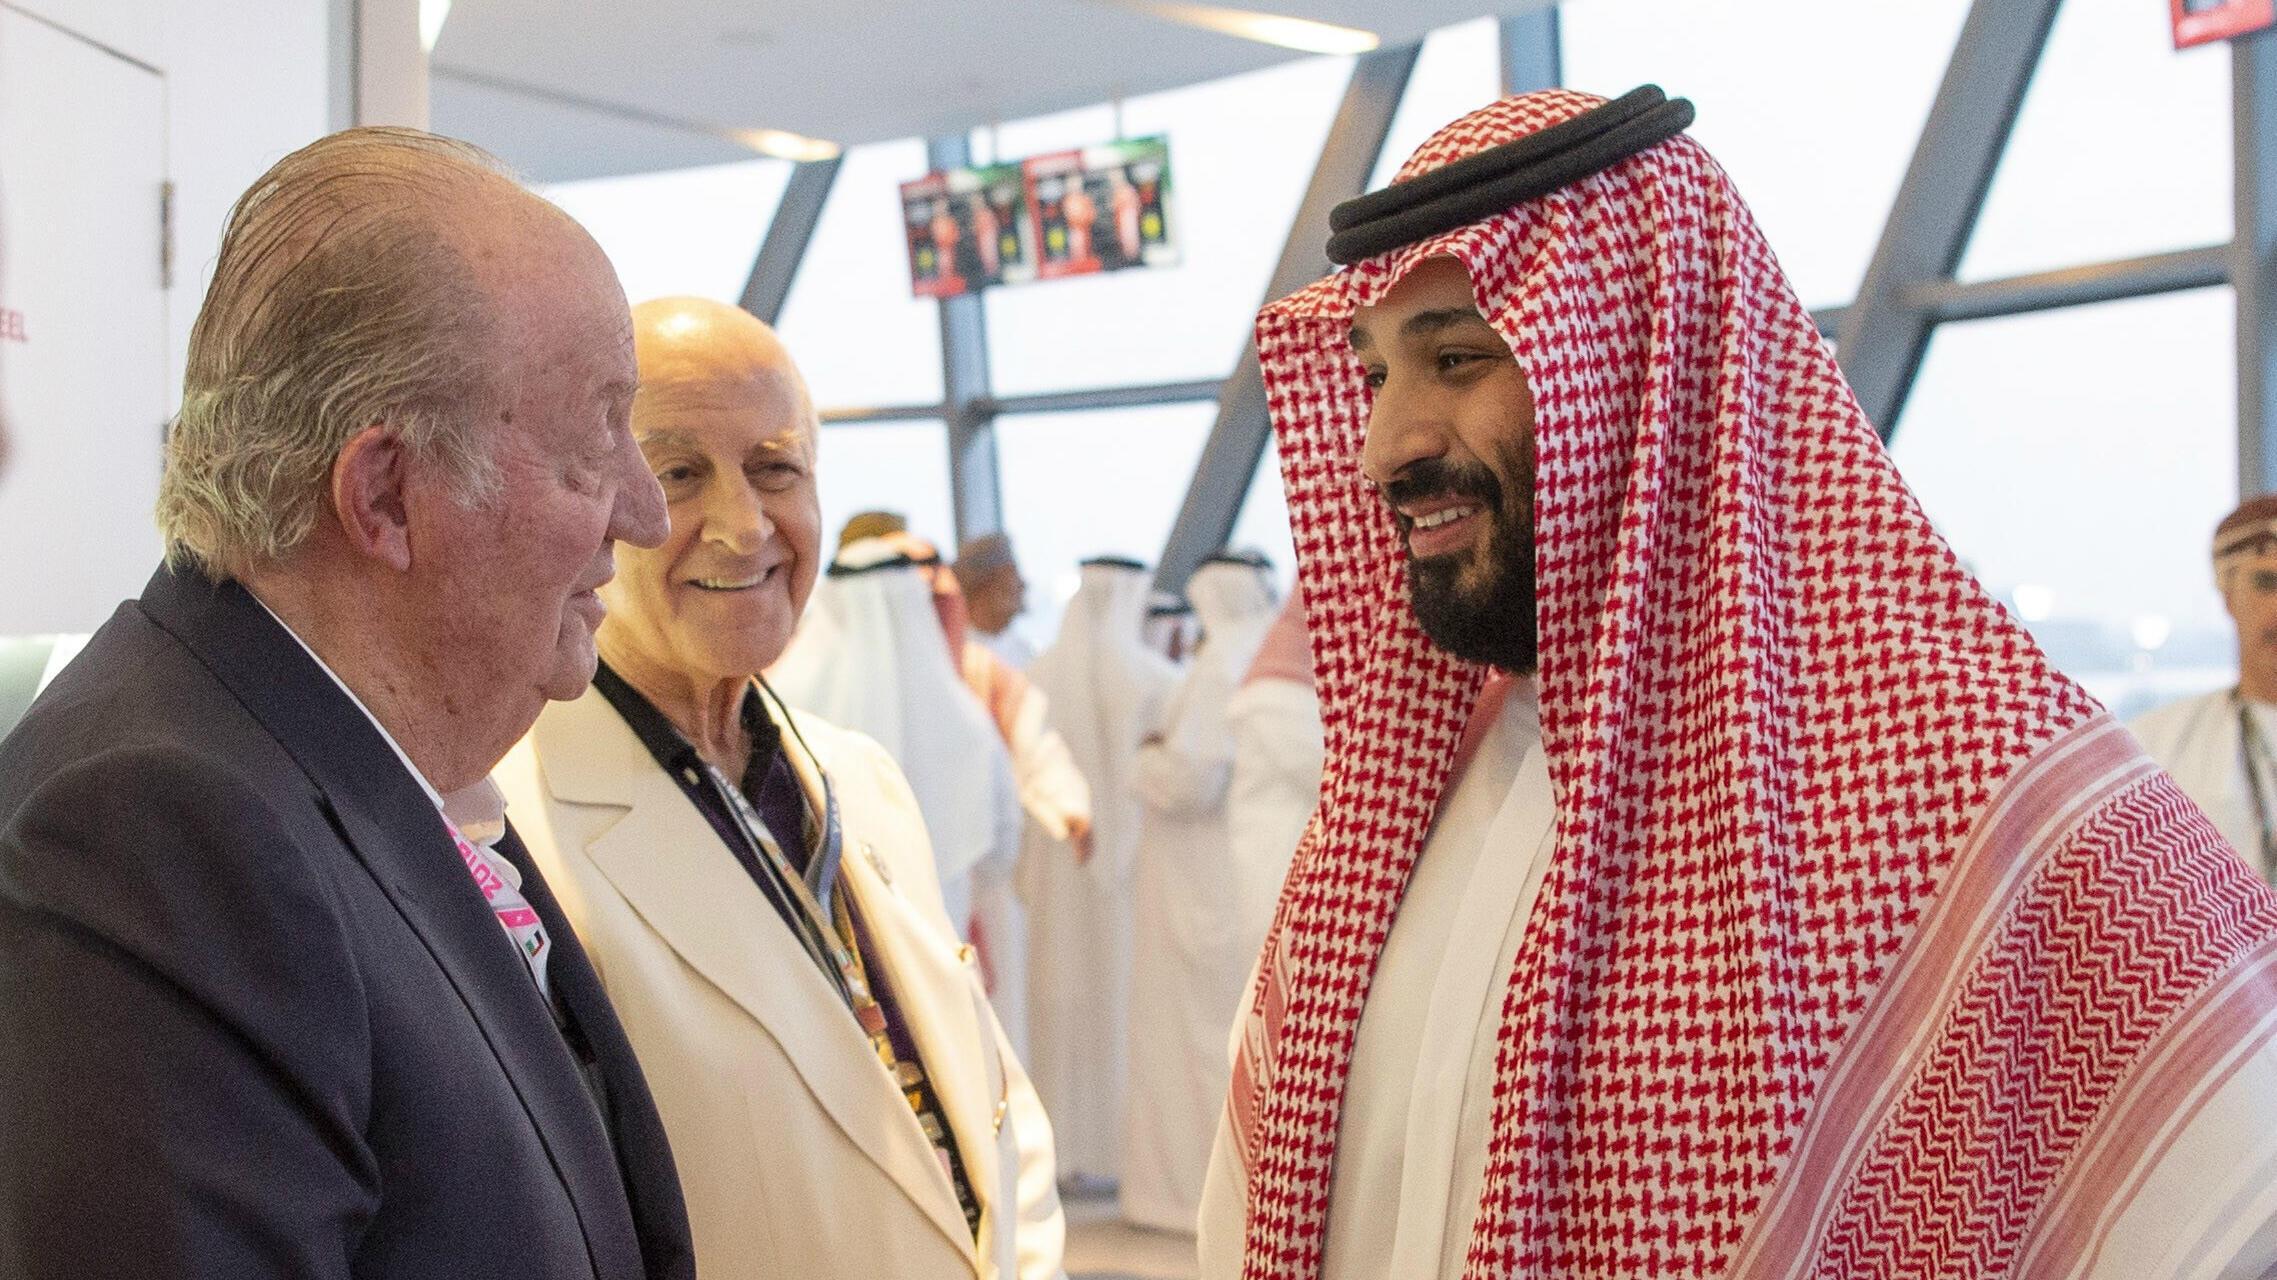 Mohamed Bin Salmán (der.) hablando con el exrey Juan Carlos I de España durante el Gran Premio de Fórmula Uno de Abu Dabi 2018 en el circuito Yas Marina, Emiratos Árabes Unidos, el 25 de noviembre de 2018.